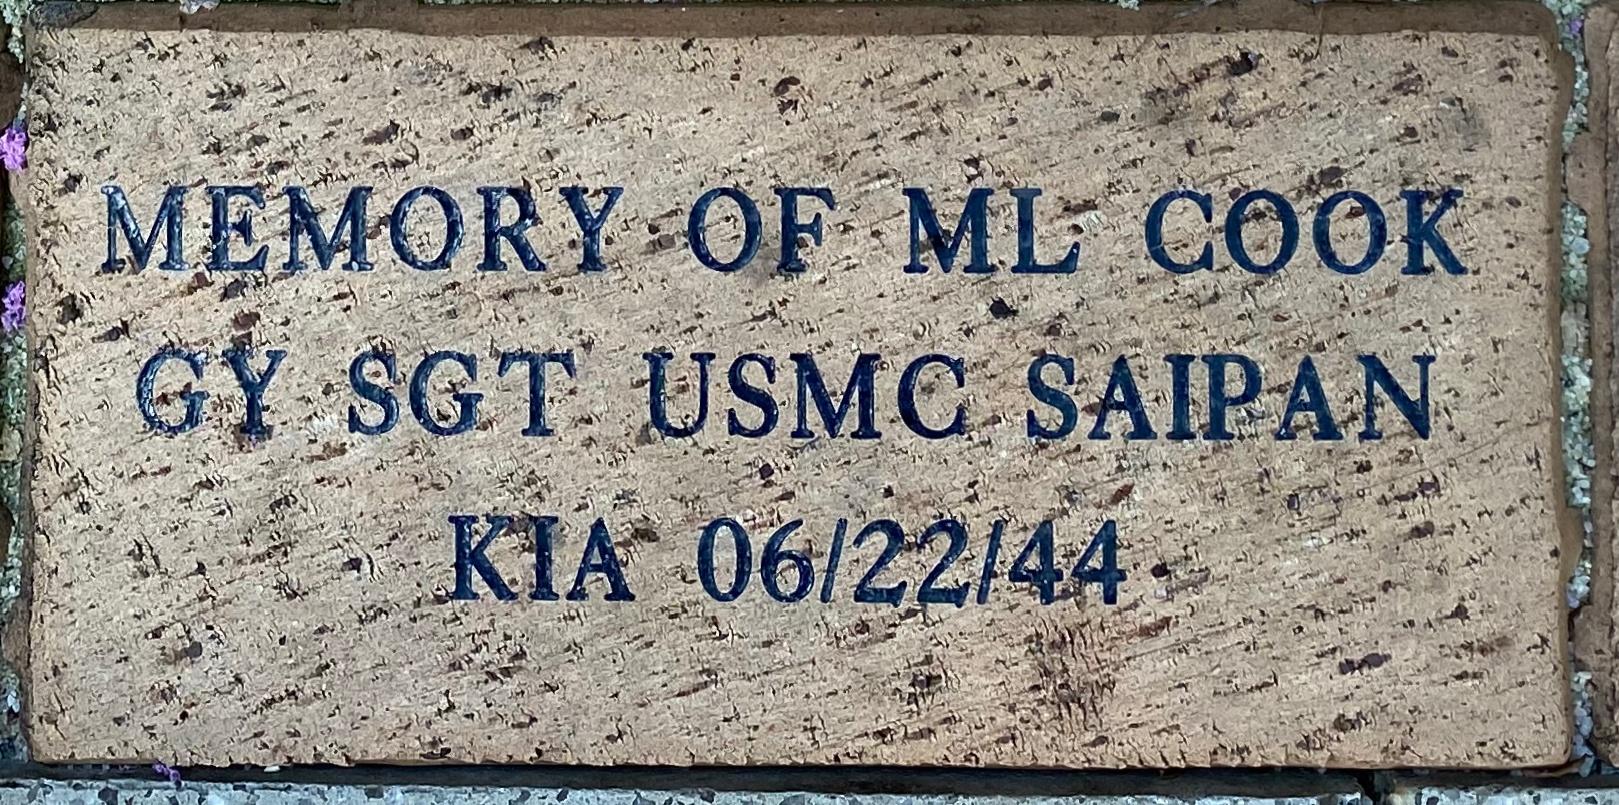 MEMORY OF ML COOK GY SGT USMC SAIPAN KIA 6/22/44